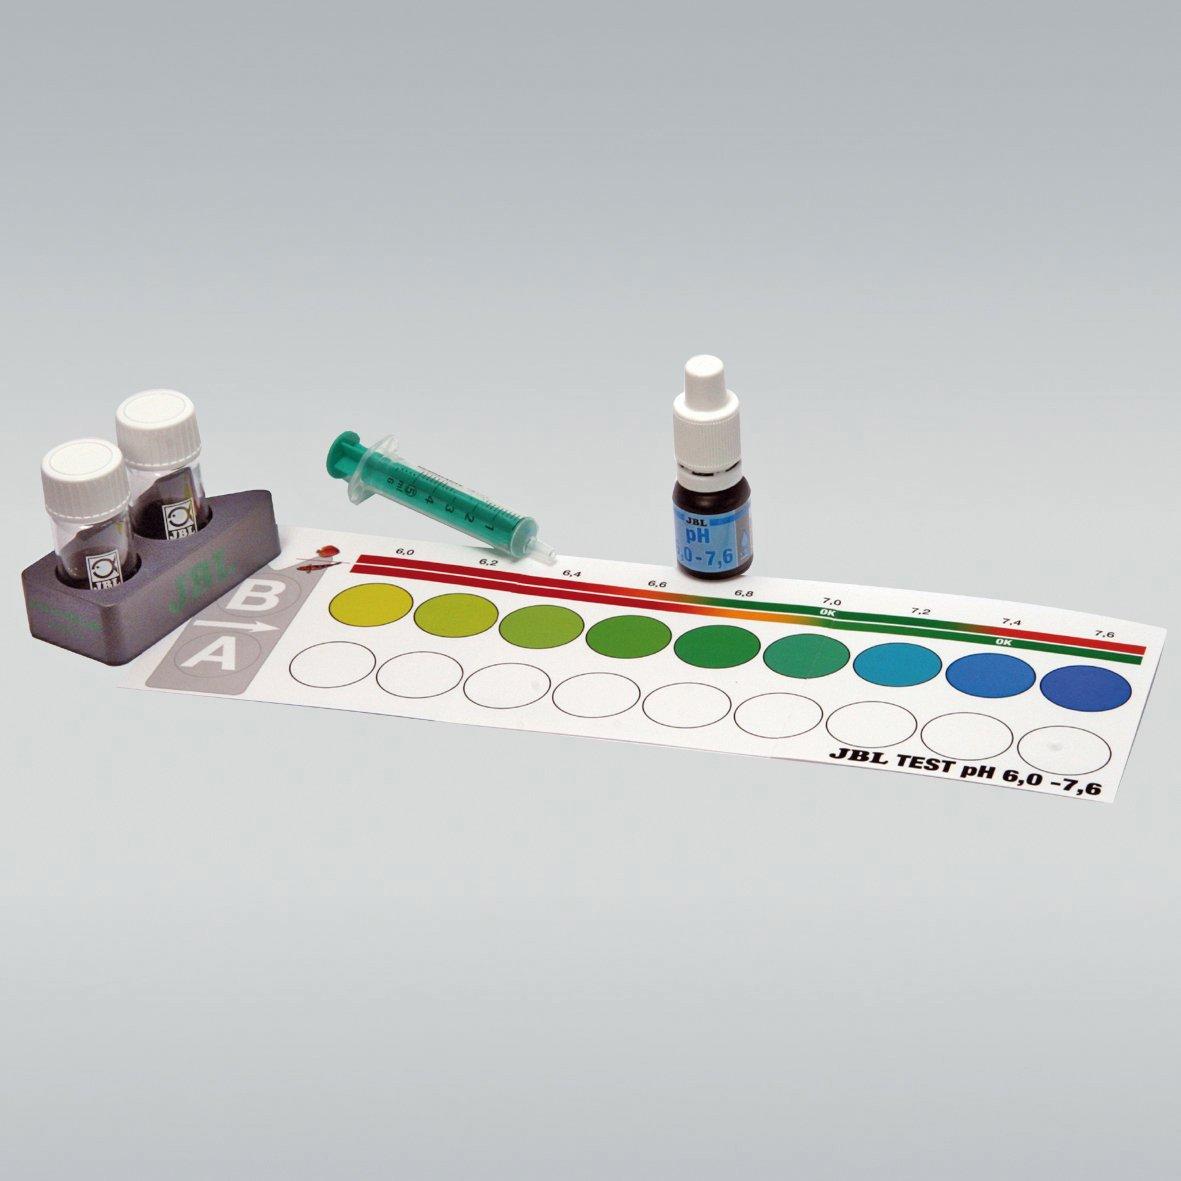 JBL pH 6,0-7,6 Test-Set, Test rapide pour déterminer le pH dans les aquariums d'eau douce, Plage 60-76 25347